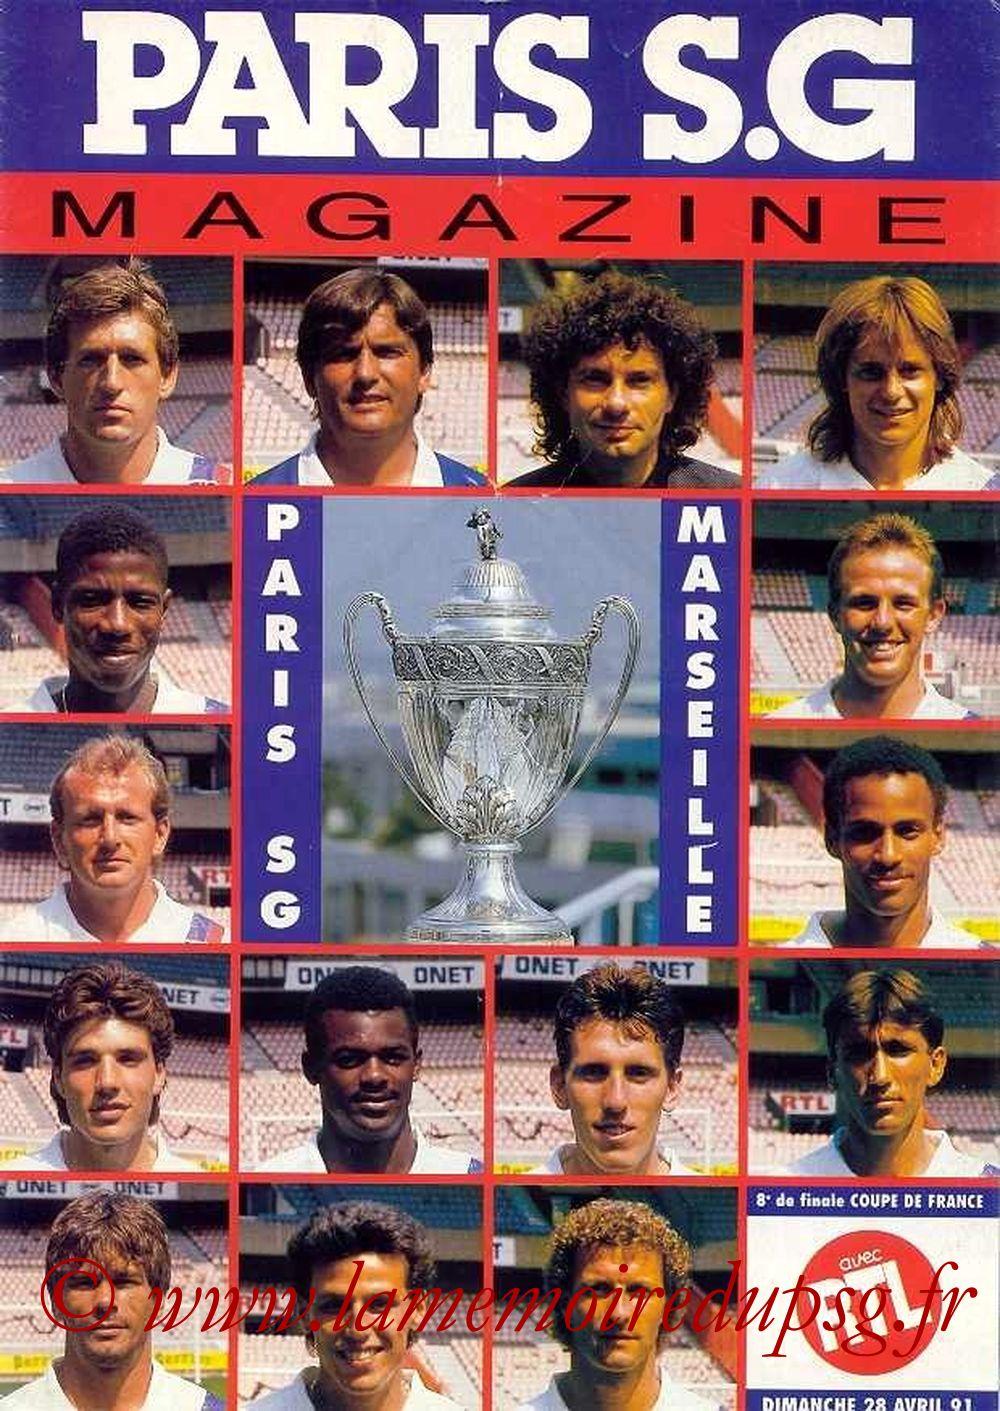 1991-04-28  PSG-Marseille (8ème Finale CF, Paris SG Magazine N°19)